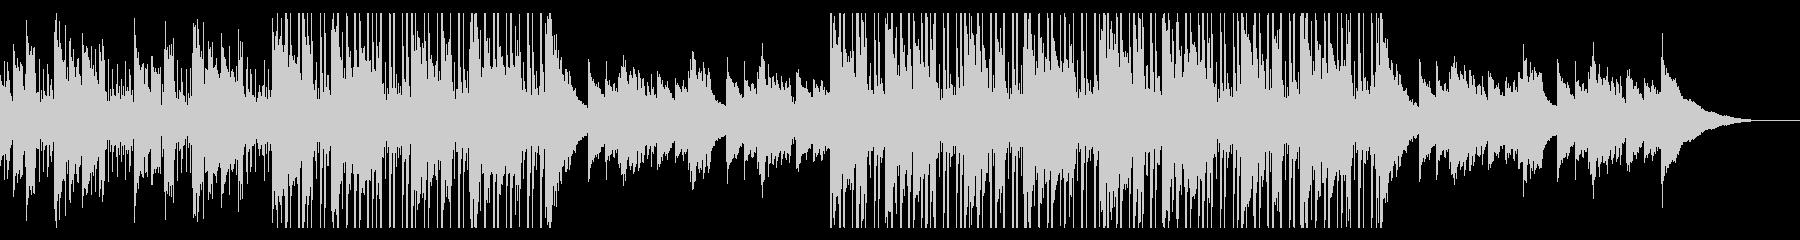 カフェの明るいジャズピアノ【キー+2】の未再生の波形